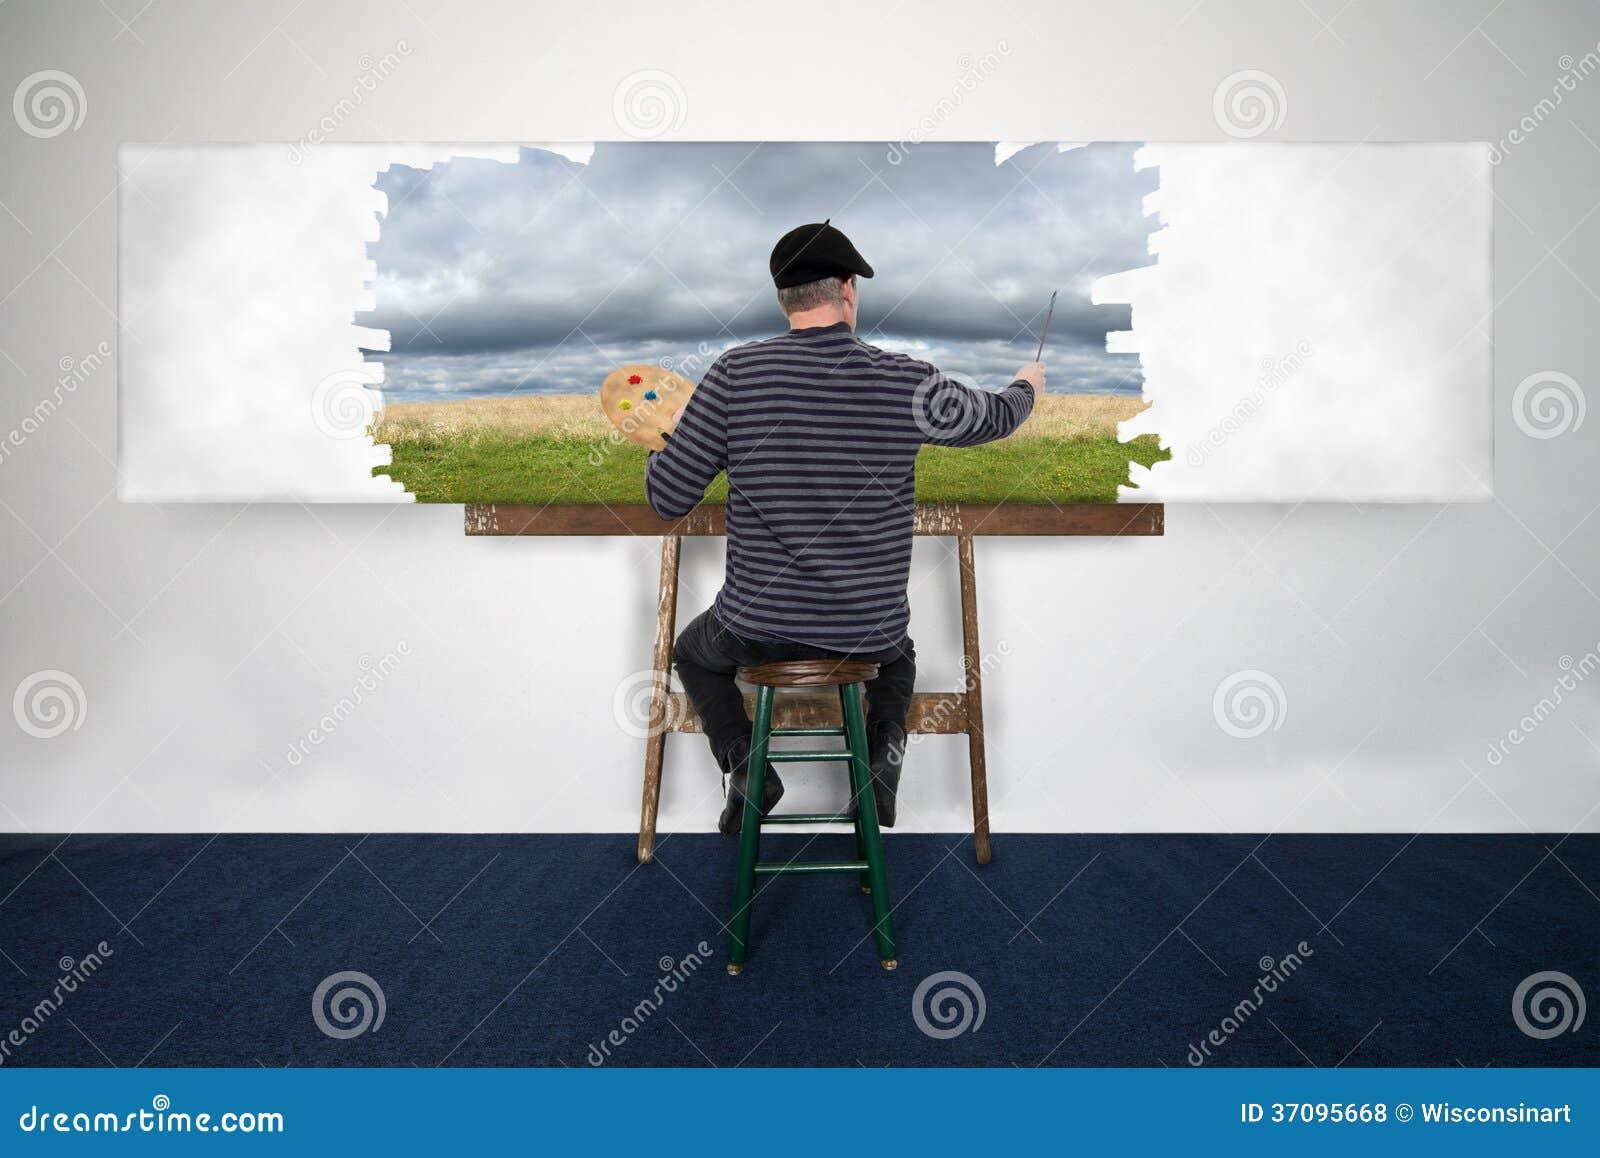 Paisaje de Paint Oil Painting del artista y del pintor en la lona blanca